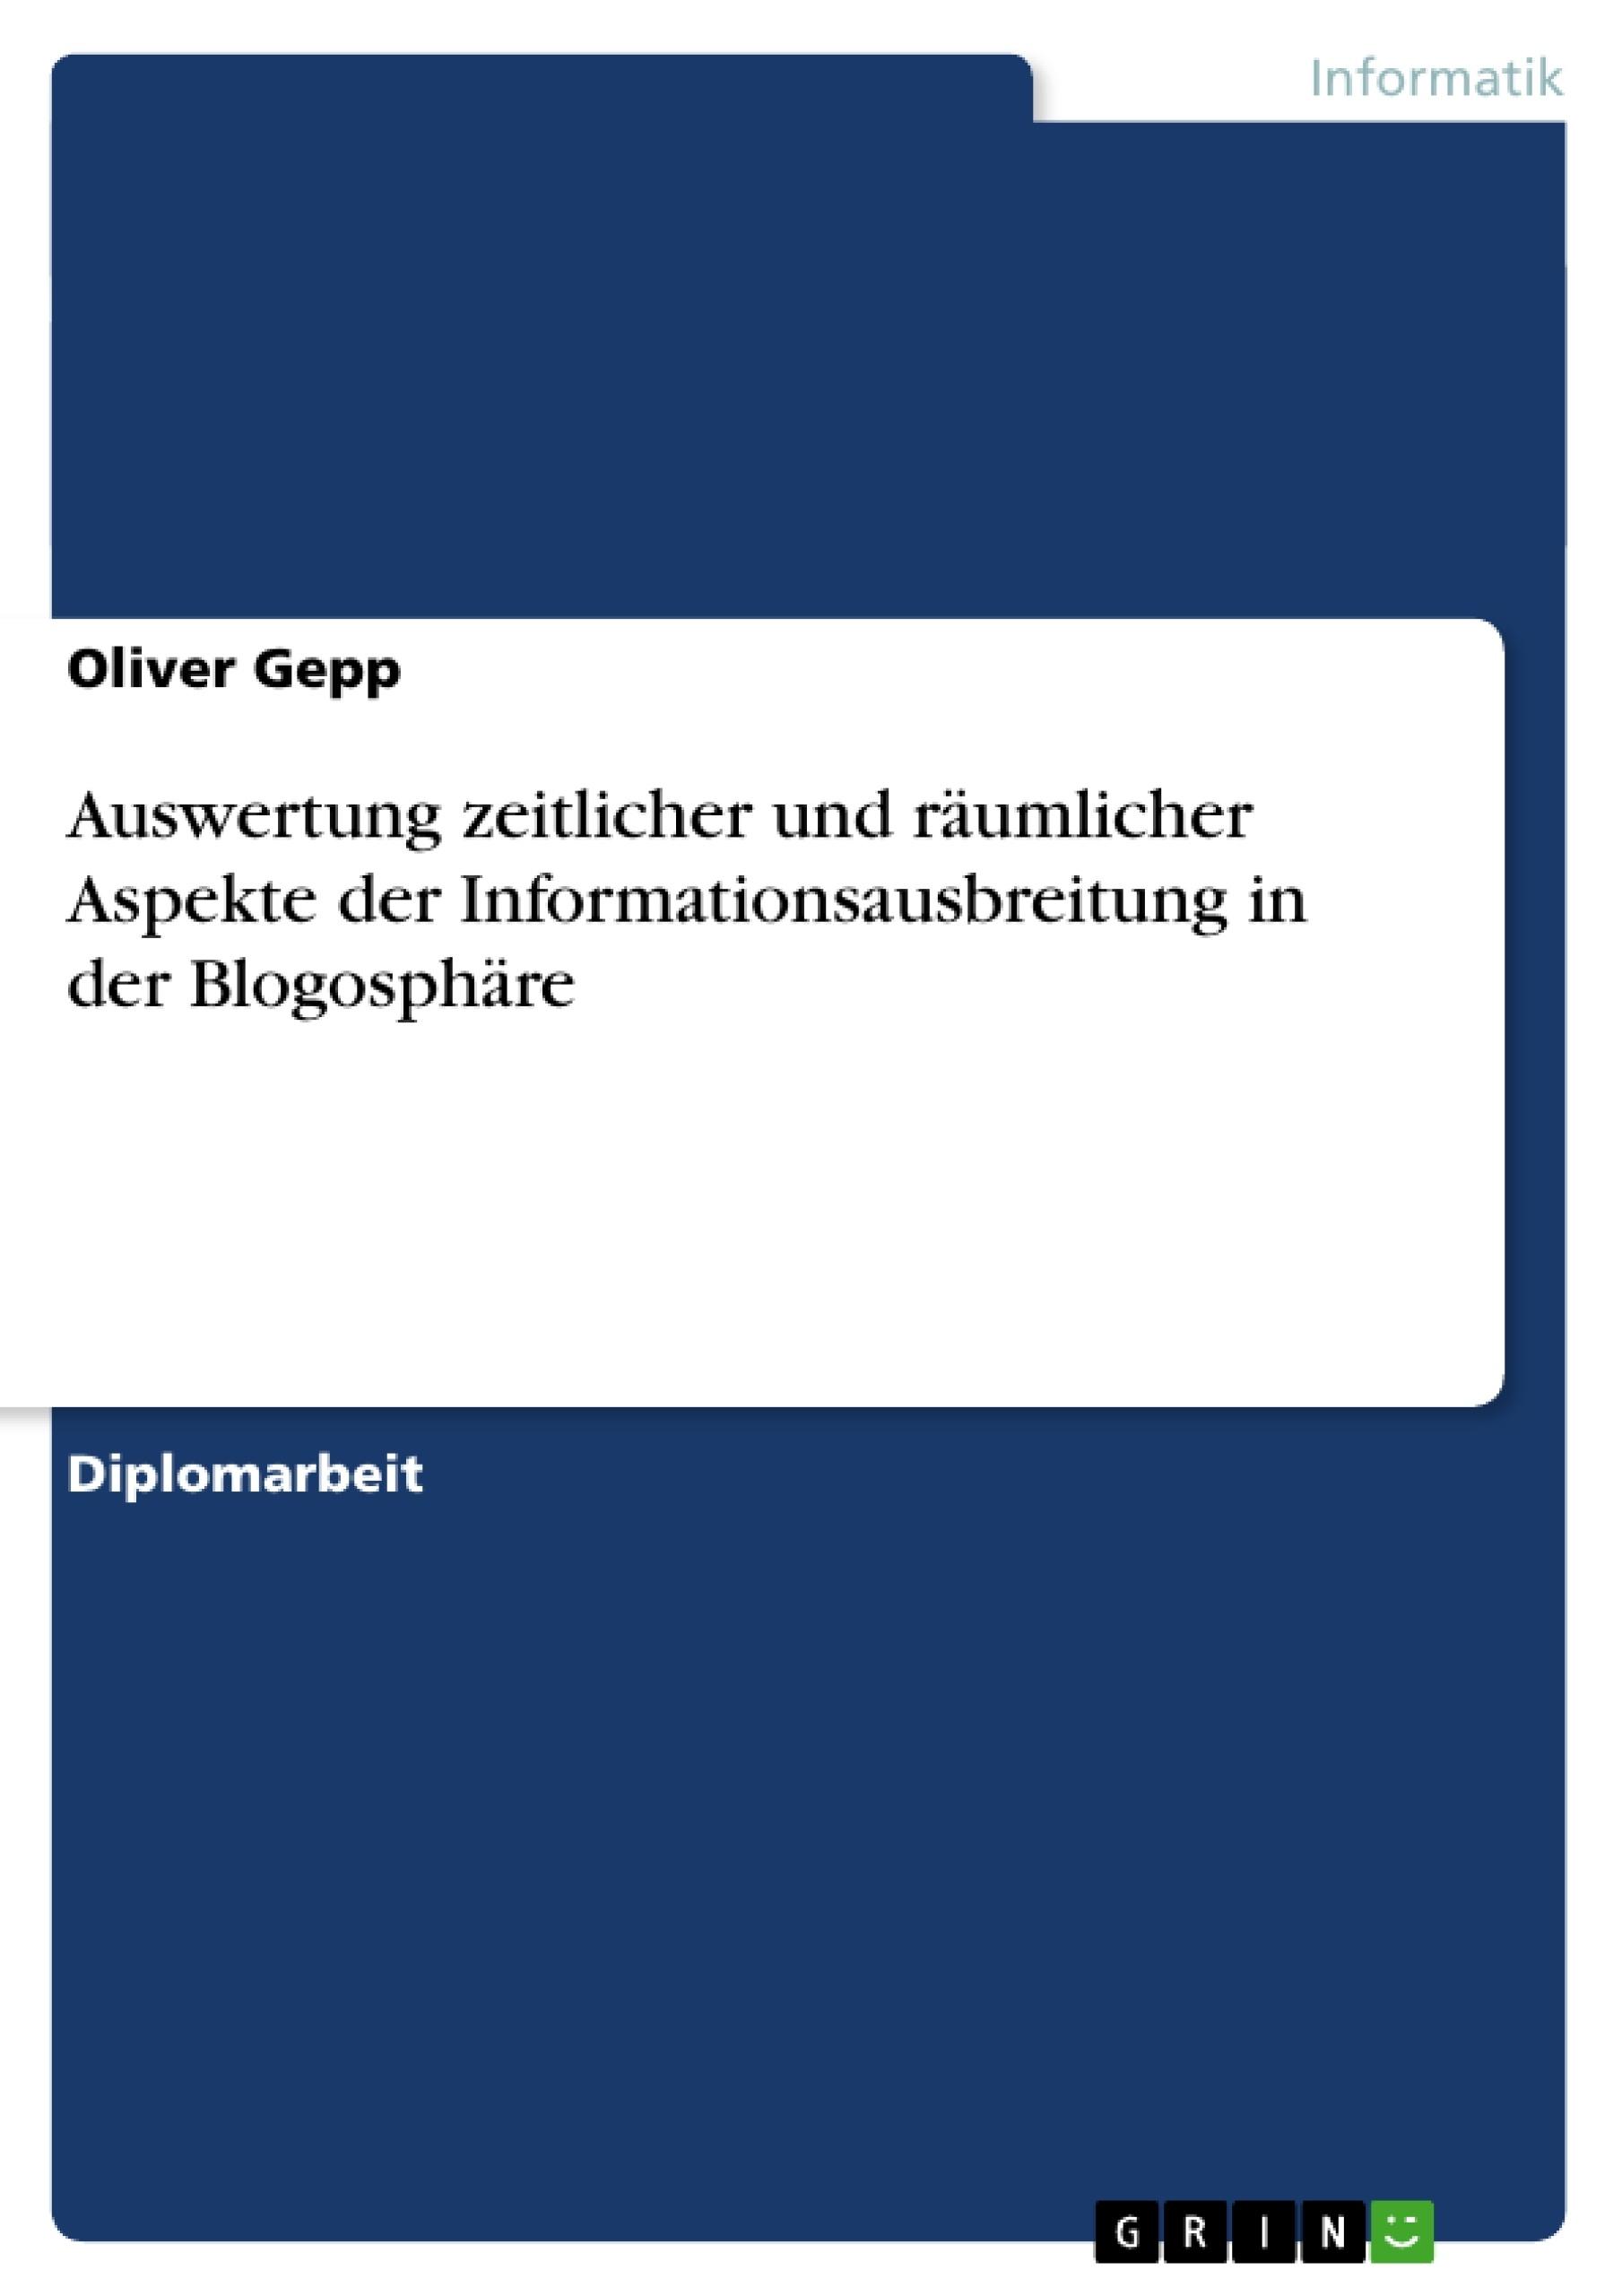 Titel: Auswertung zeitlicher und räumlicher Aspekte der Informationsausbreitung in der Blogosphäre